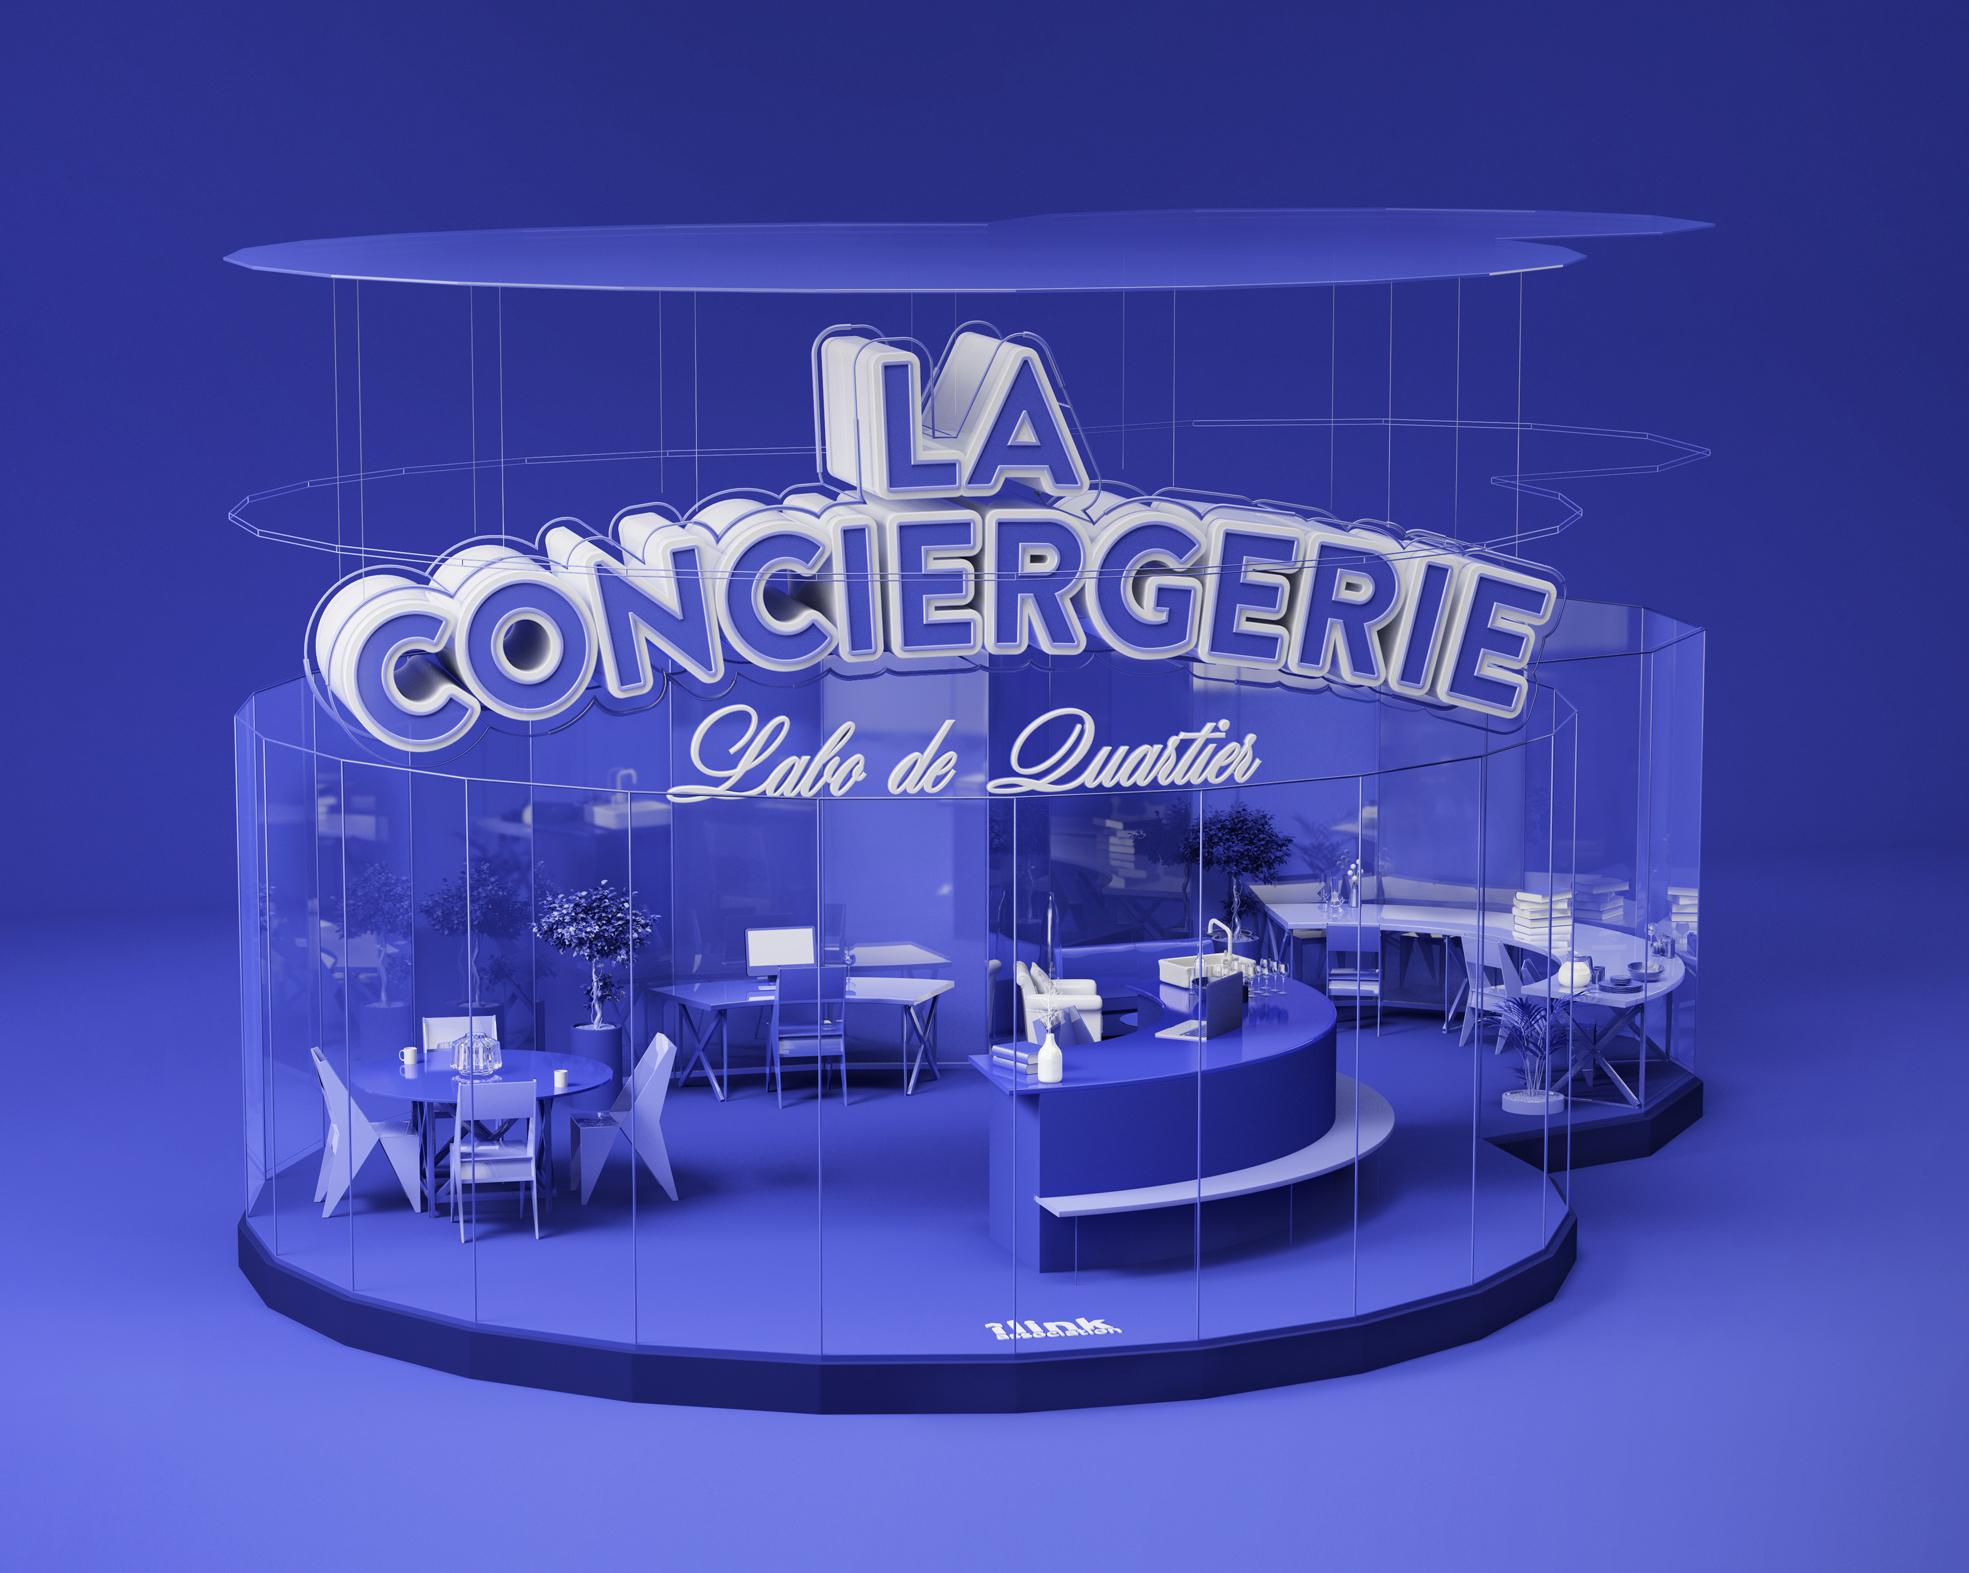 Conciergerie002.jpg